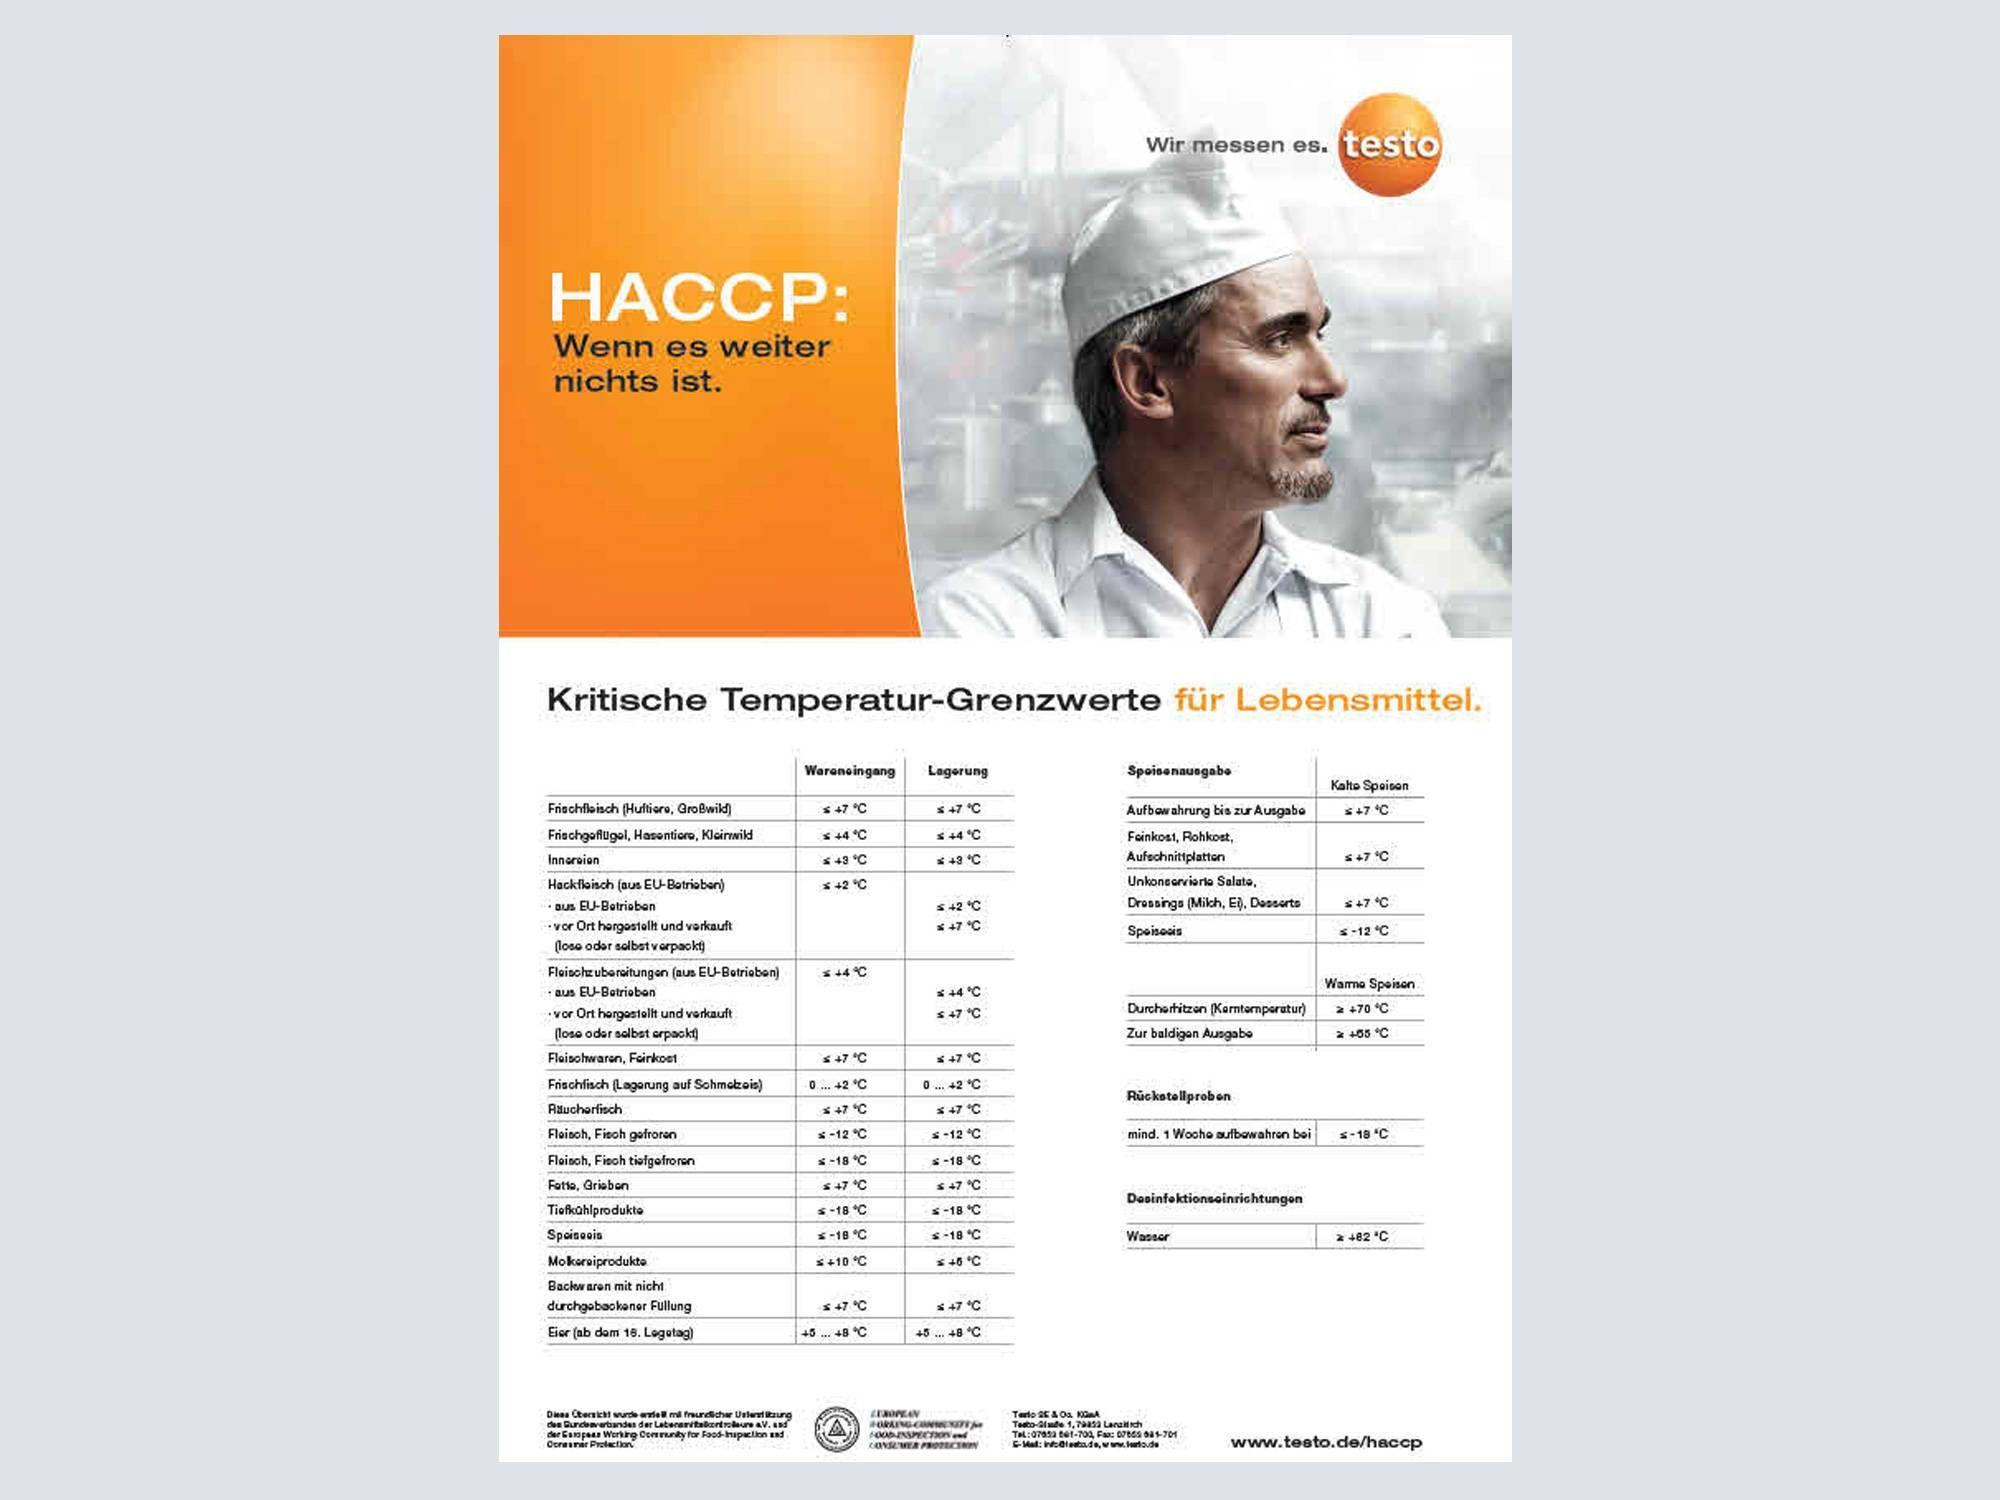 Übersichtsposter von kritischen Temperaturwerten bei Lebensmitteln